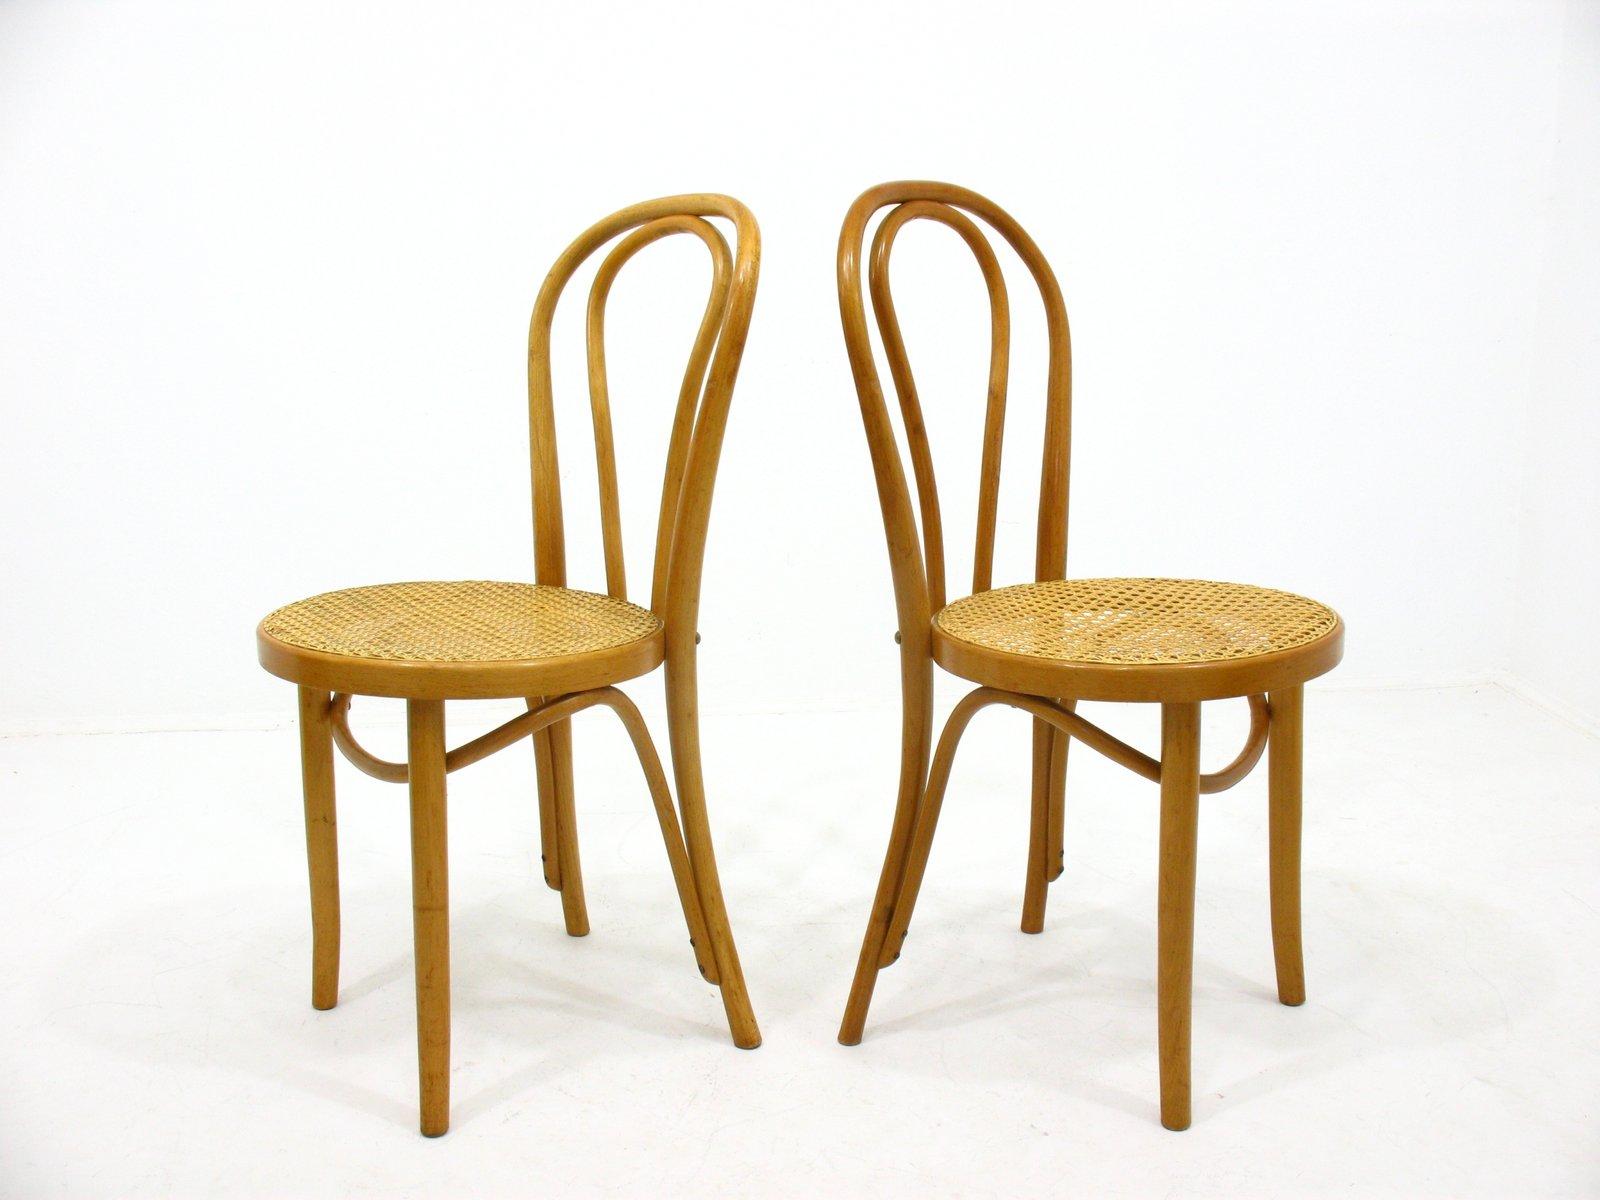 Sedie vintage in legno, anni '70, set di 2 in vendita su ...